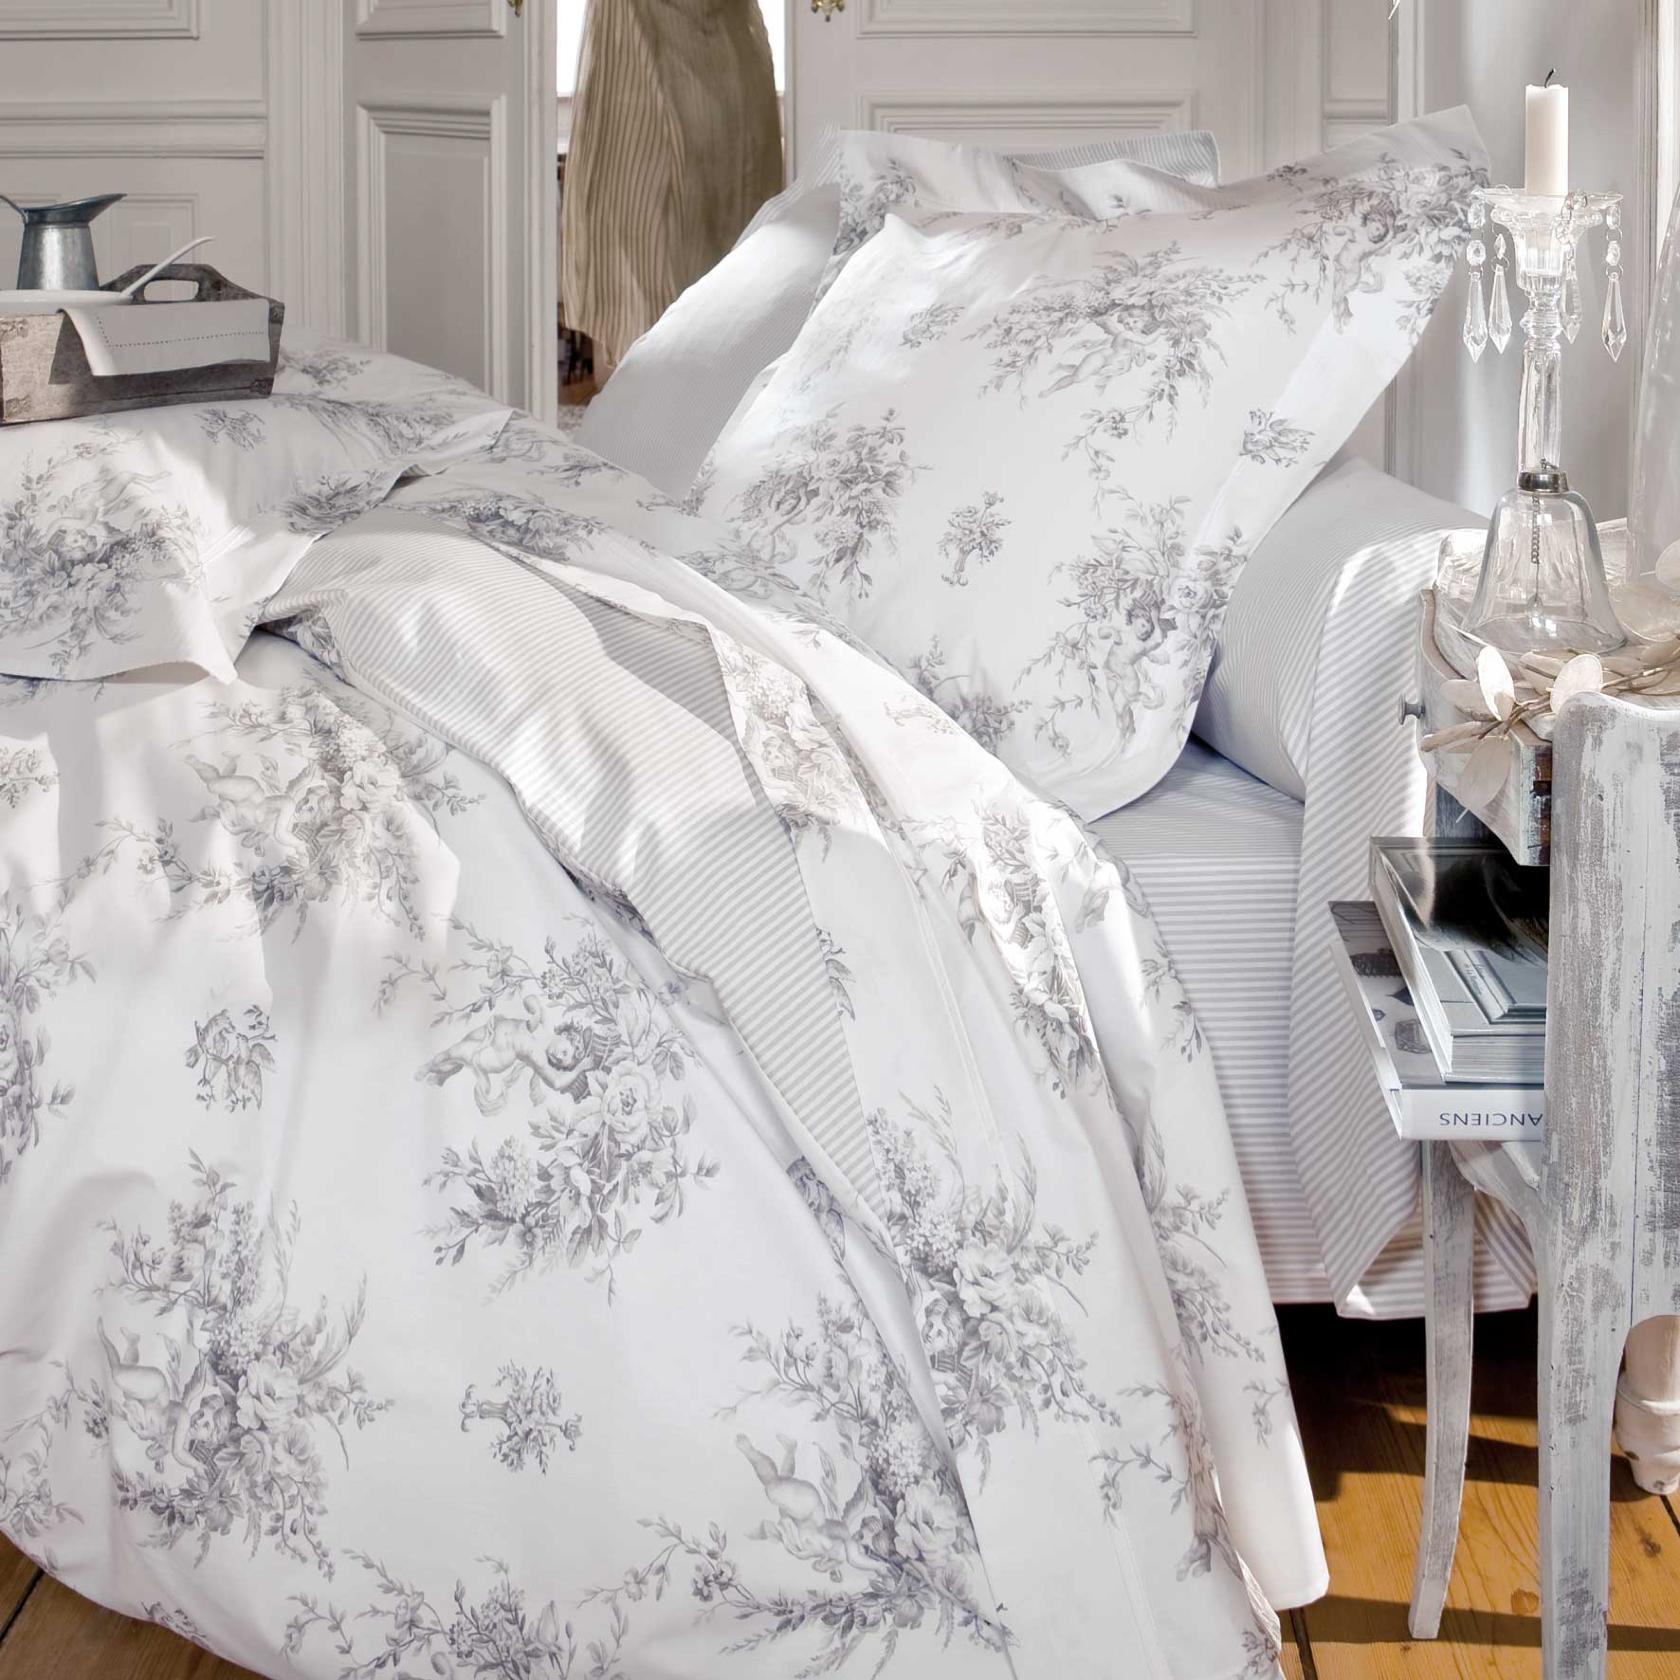 Дизайн маленькой спальни - 95 фото идей обустройства интерьера не